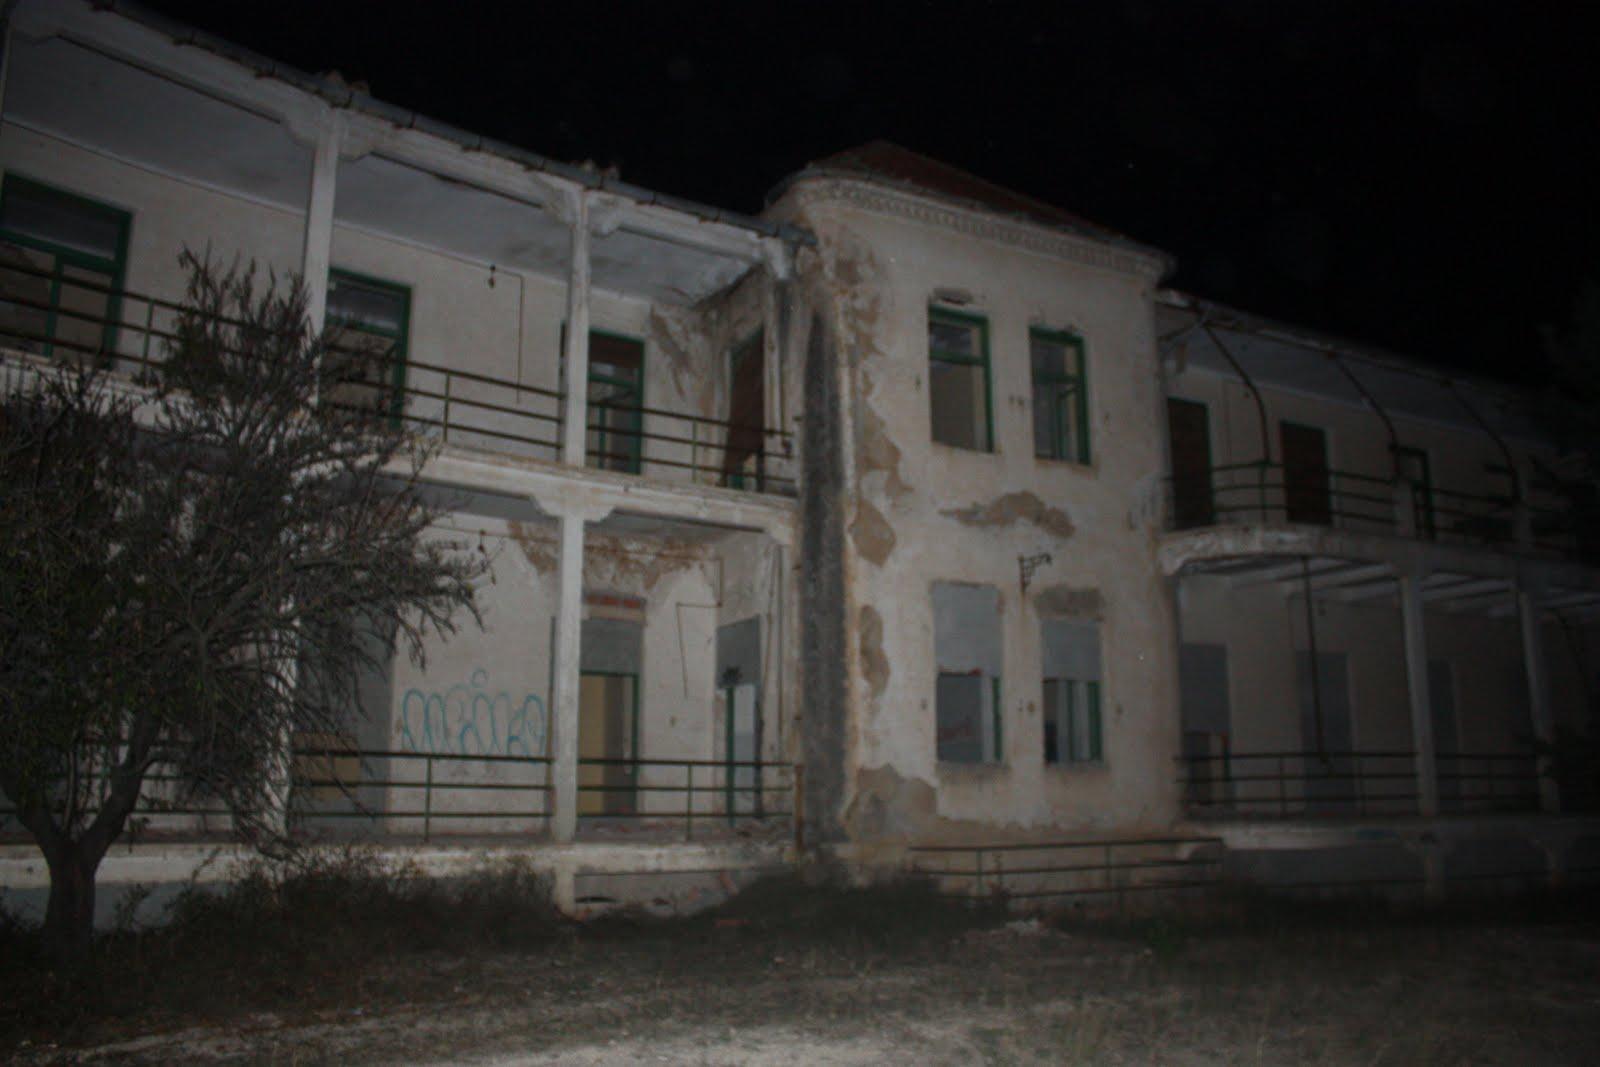 encierro e investigacion paranormal en el sanatorio de sierra espuña Tuberculos+027